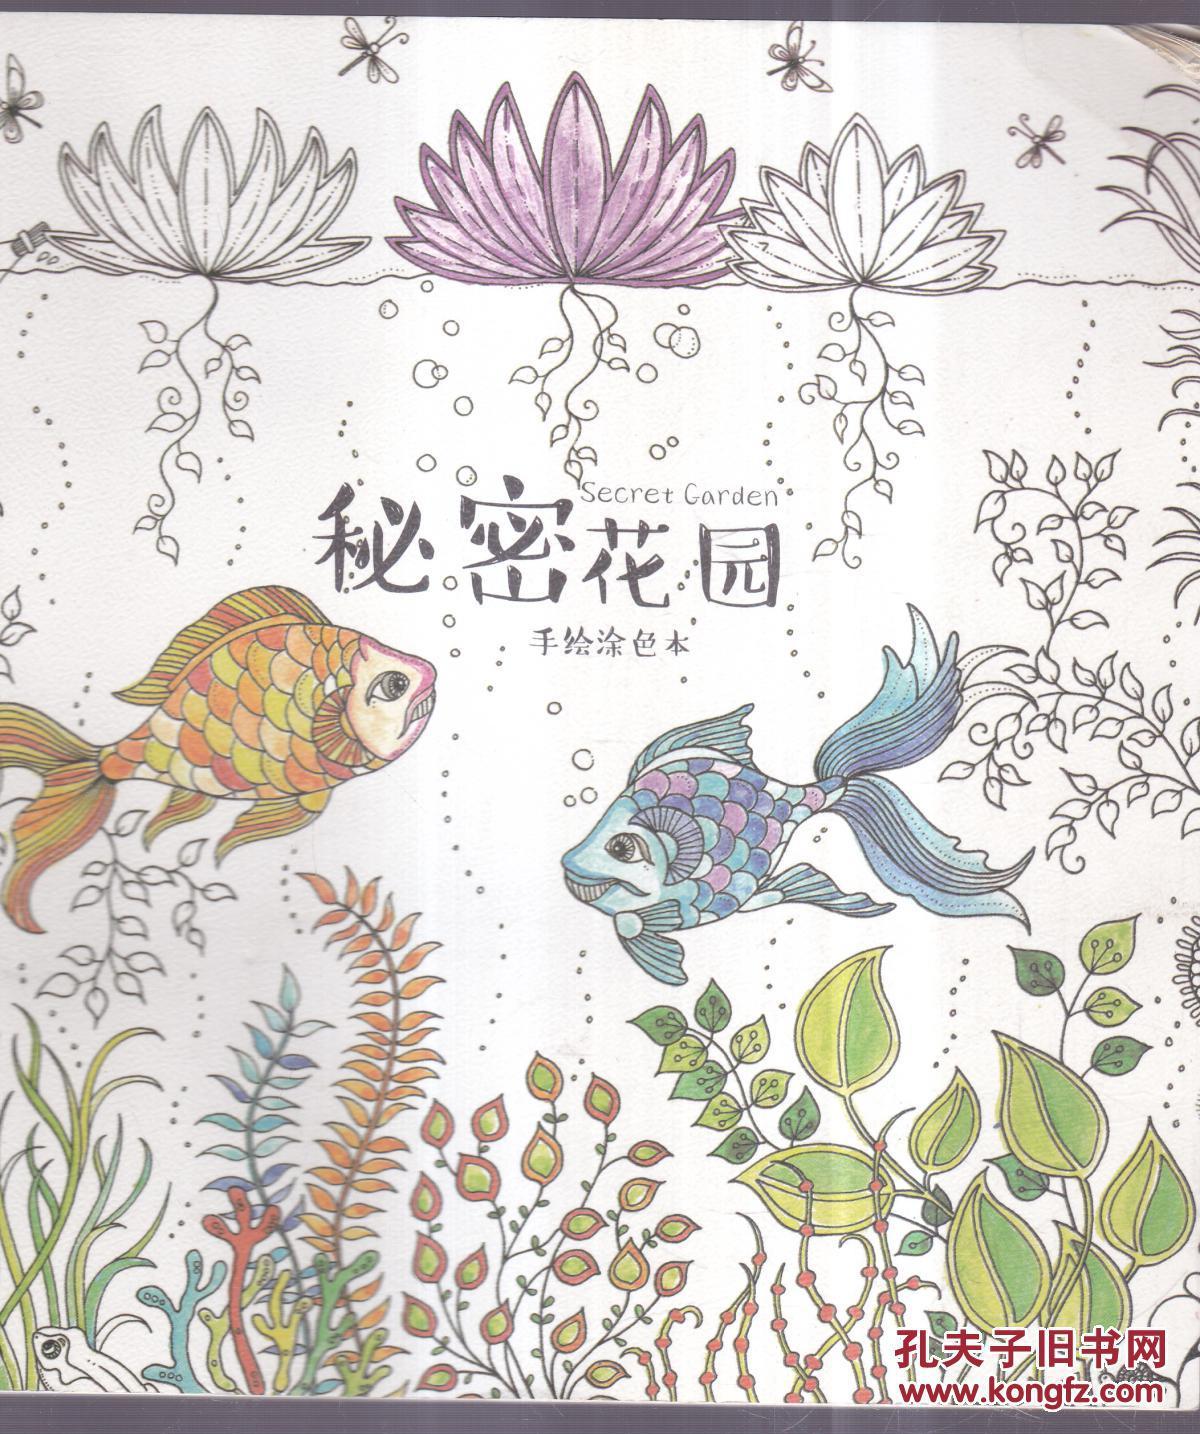 秘密花园第一页效果图_秘密花园 手绘涂色本